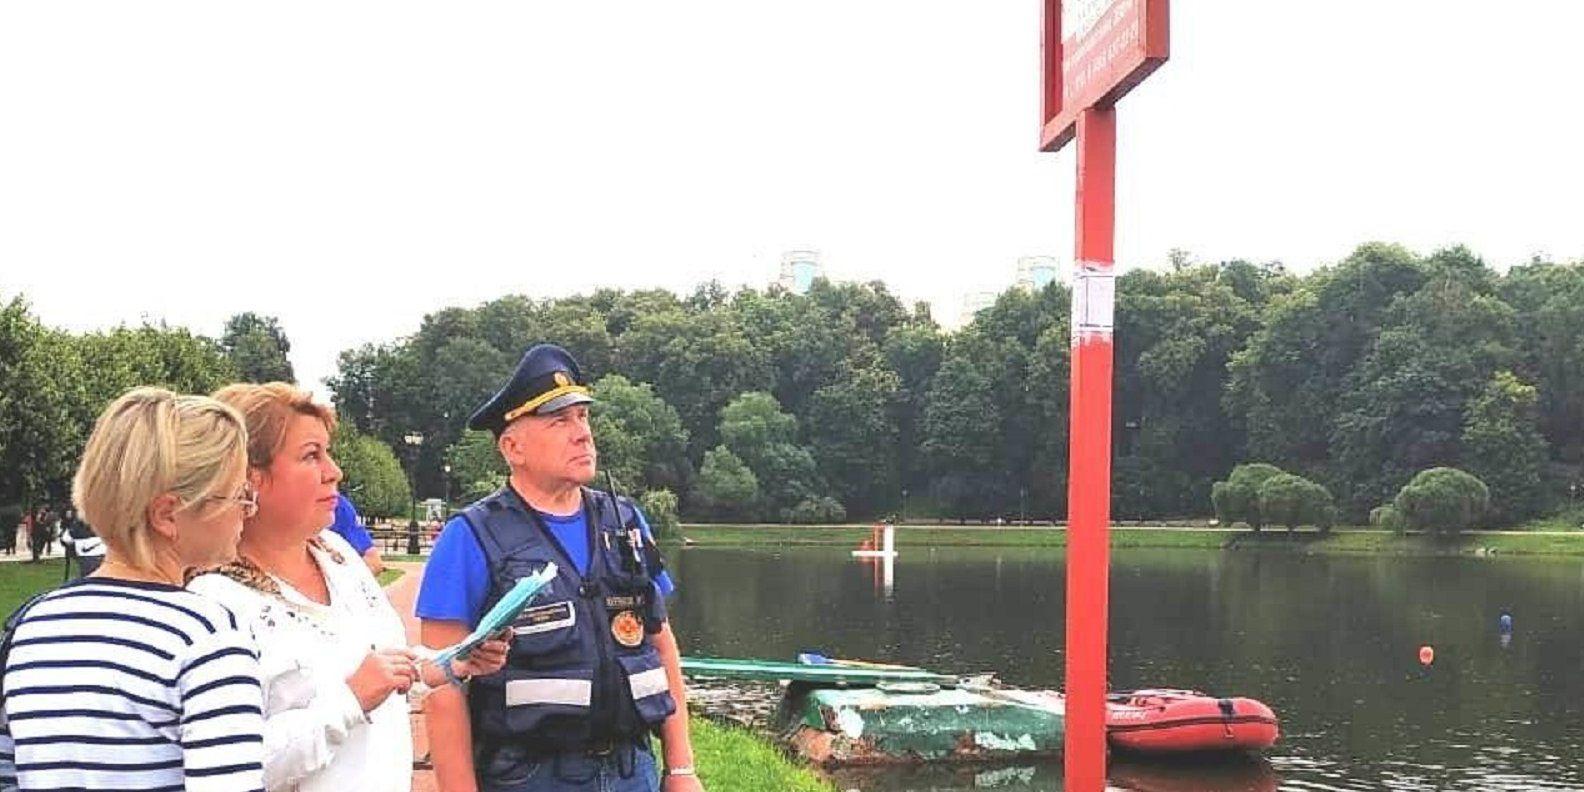 Инспекция Департамента ГОЧСиПБ подвела итоги мониторинга на водных объектах города Москвы за летний период 2019 года